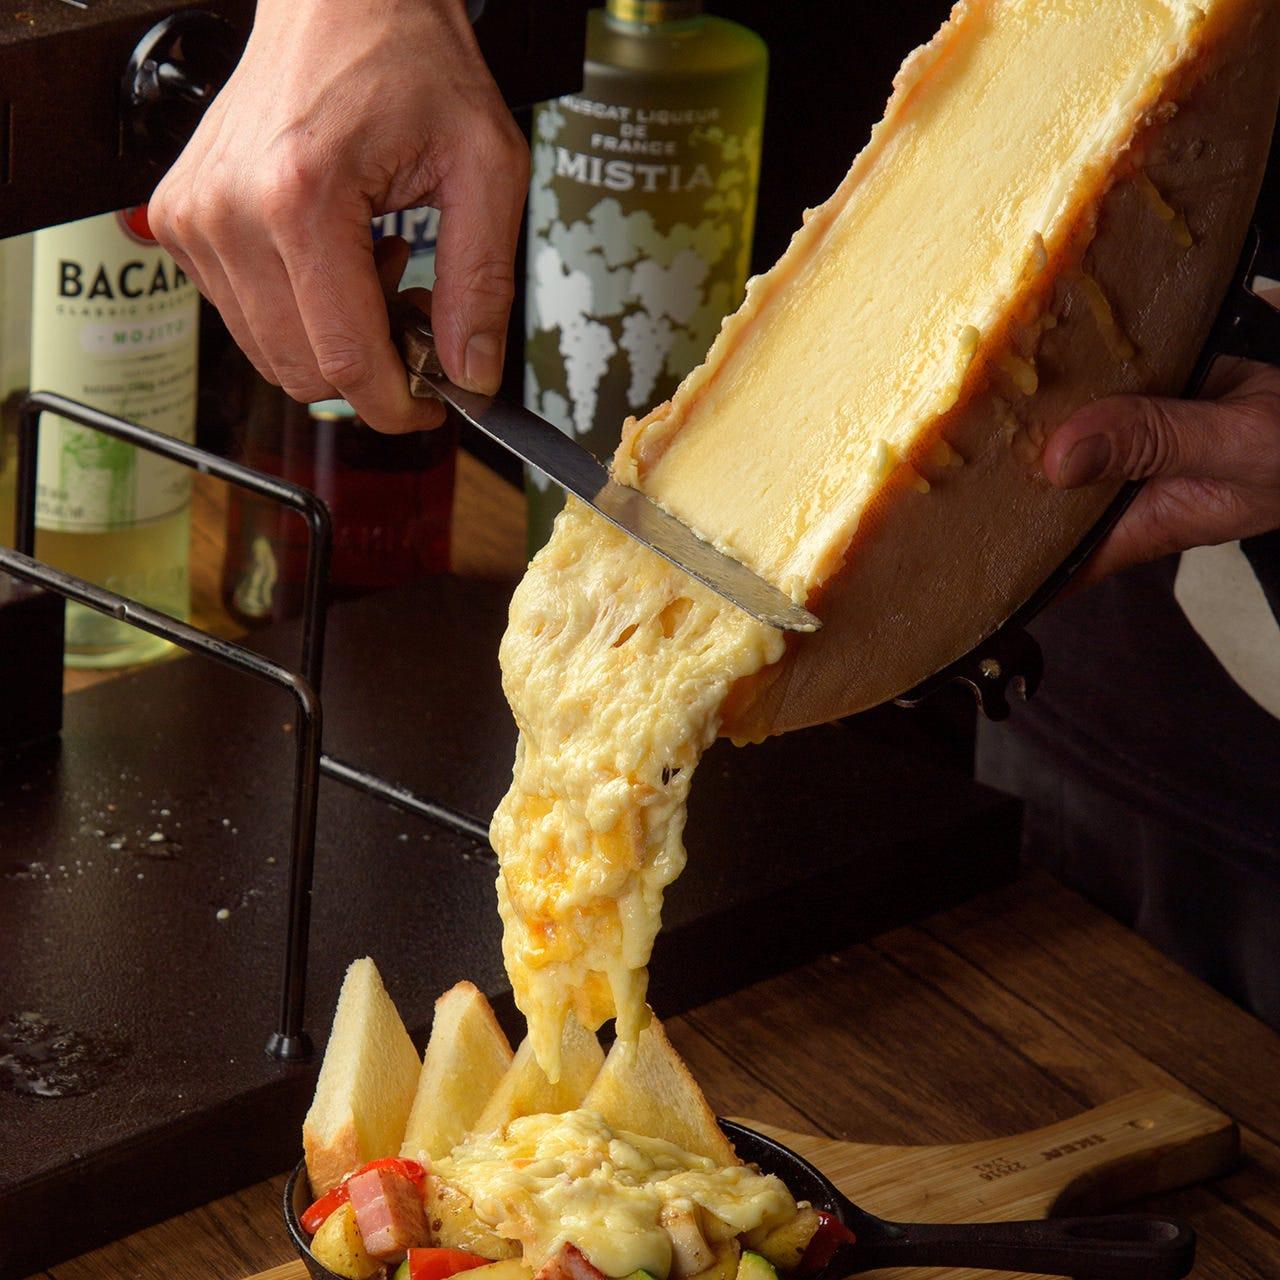 心もとろけるラクレットチーズやパネチキで会話もはずむ♪